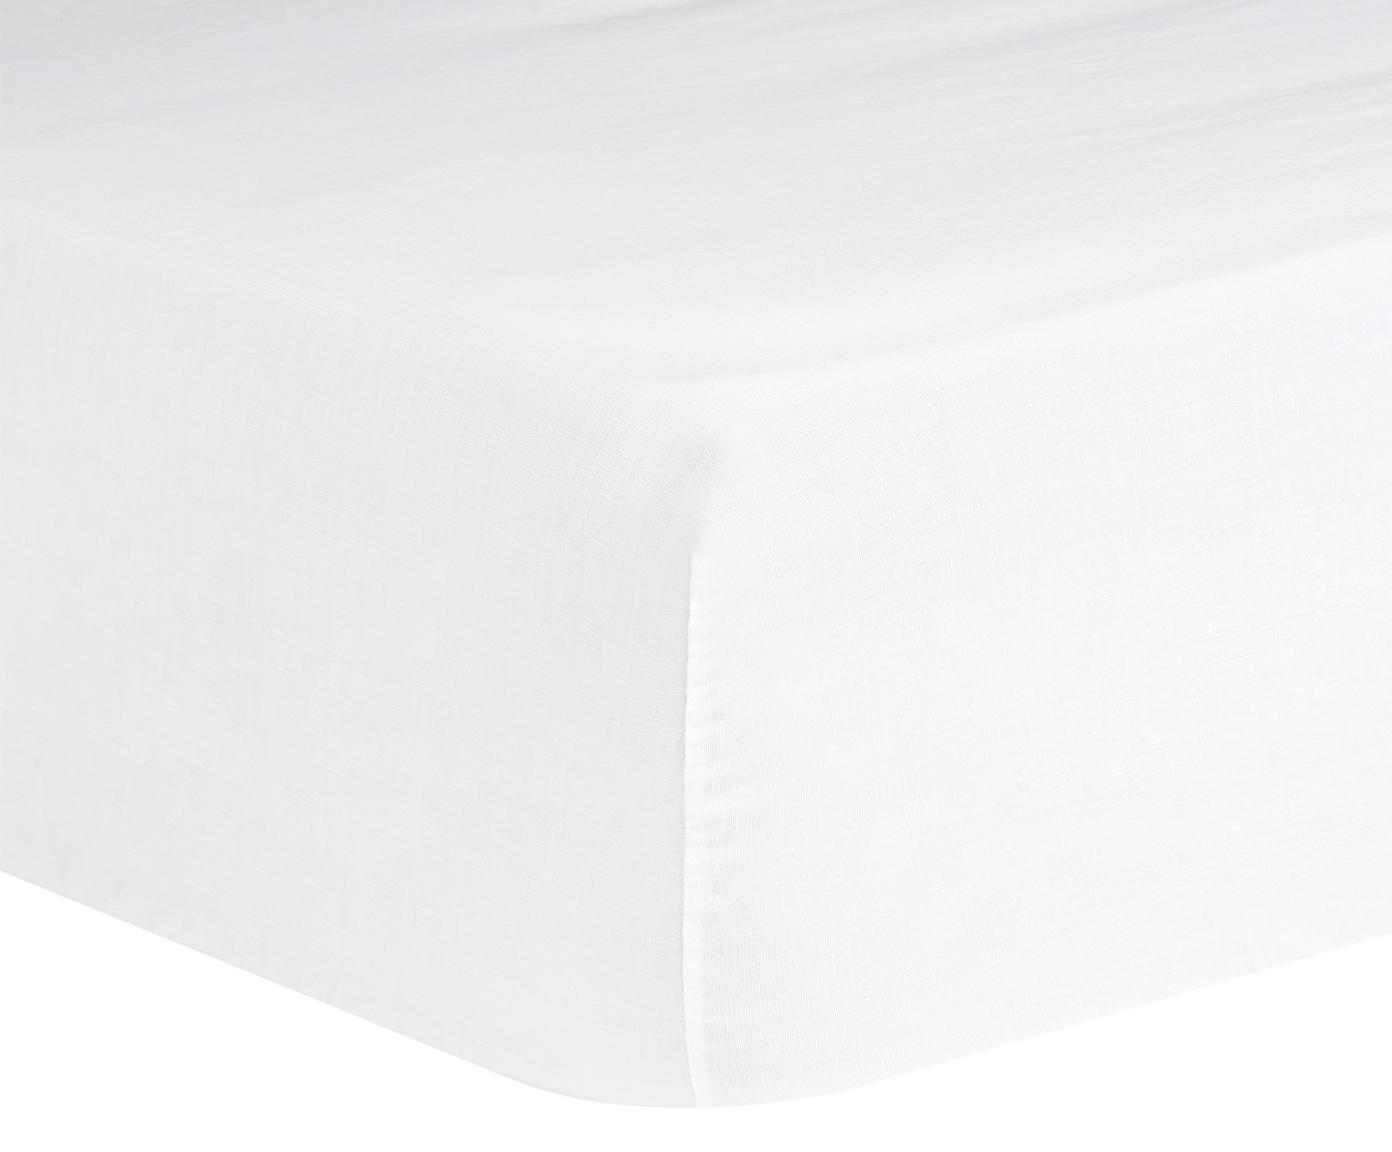 Prześcieradło z gumką z lnu Nature, 52% len, 48% bawełna Z efektem sprania zapewniającym miękkość w dotyku, Biały, S 180 x D 200 cm